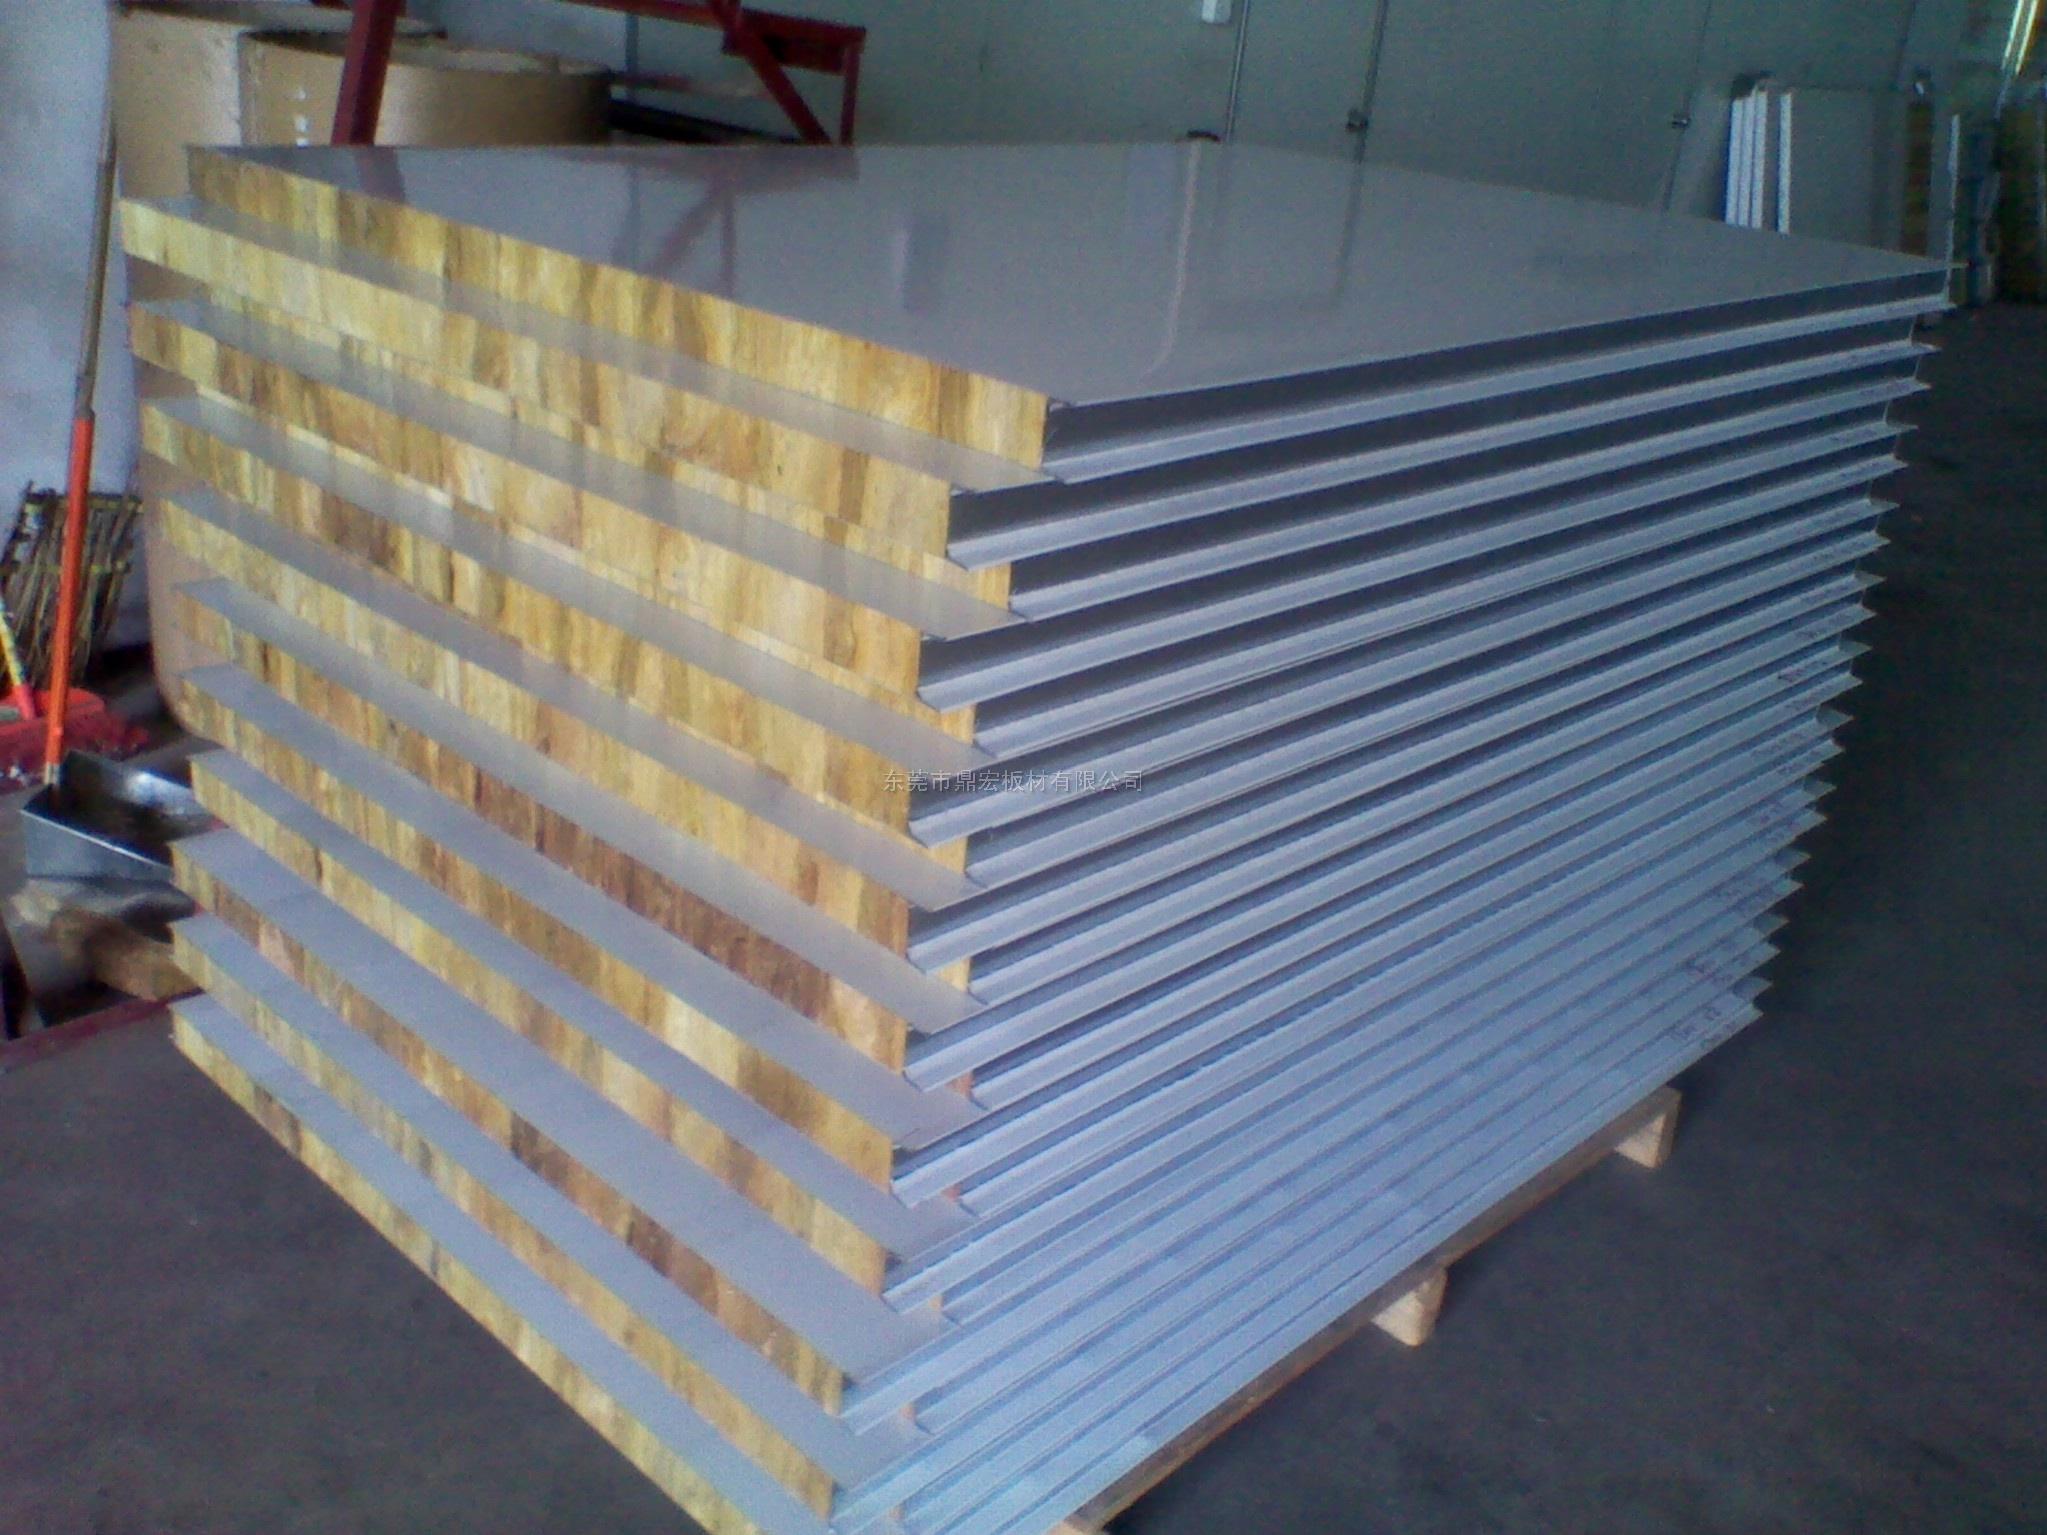 巖棉彩鋼板,彩鋼巖棉板,巖棉夾芯板,巖棉夾芯瓦,鼎宏專業生產